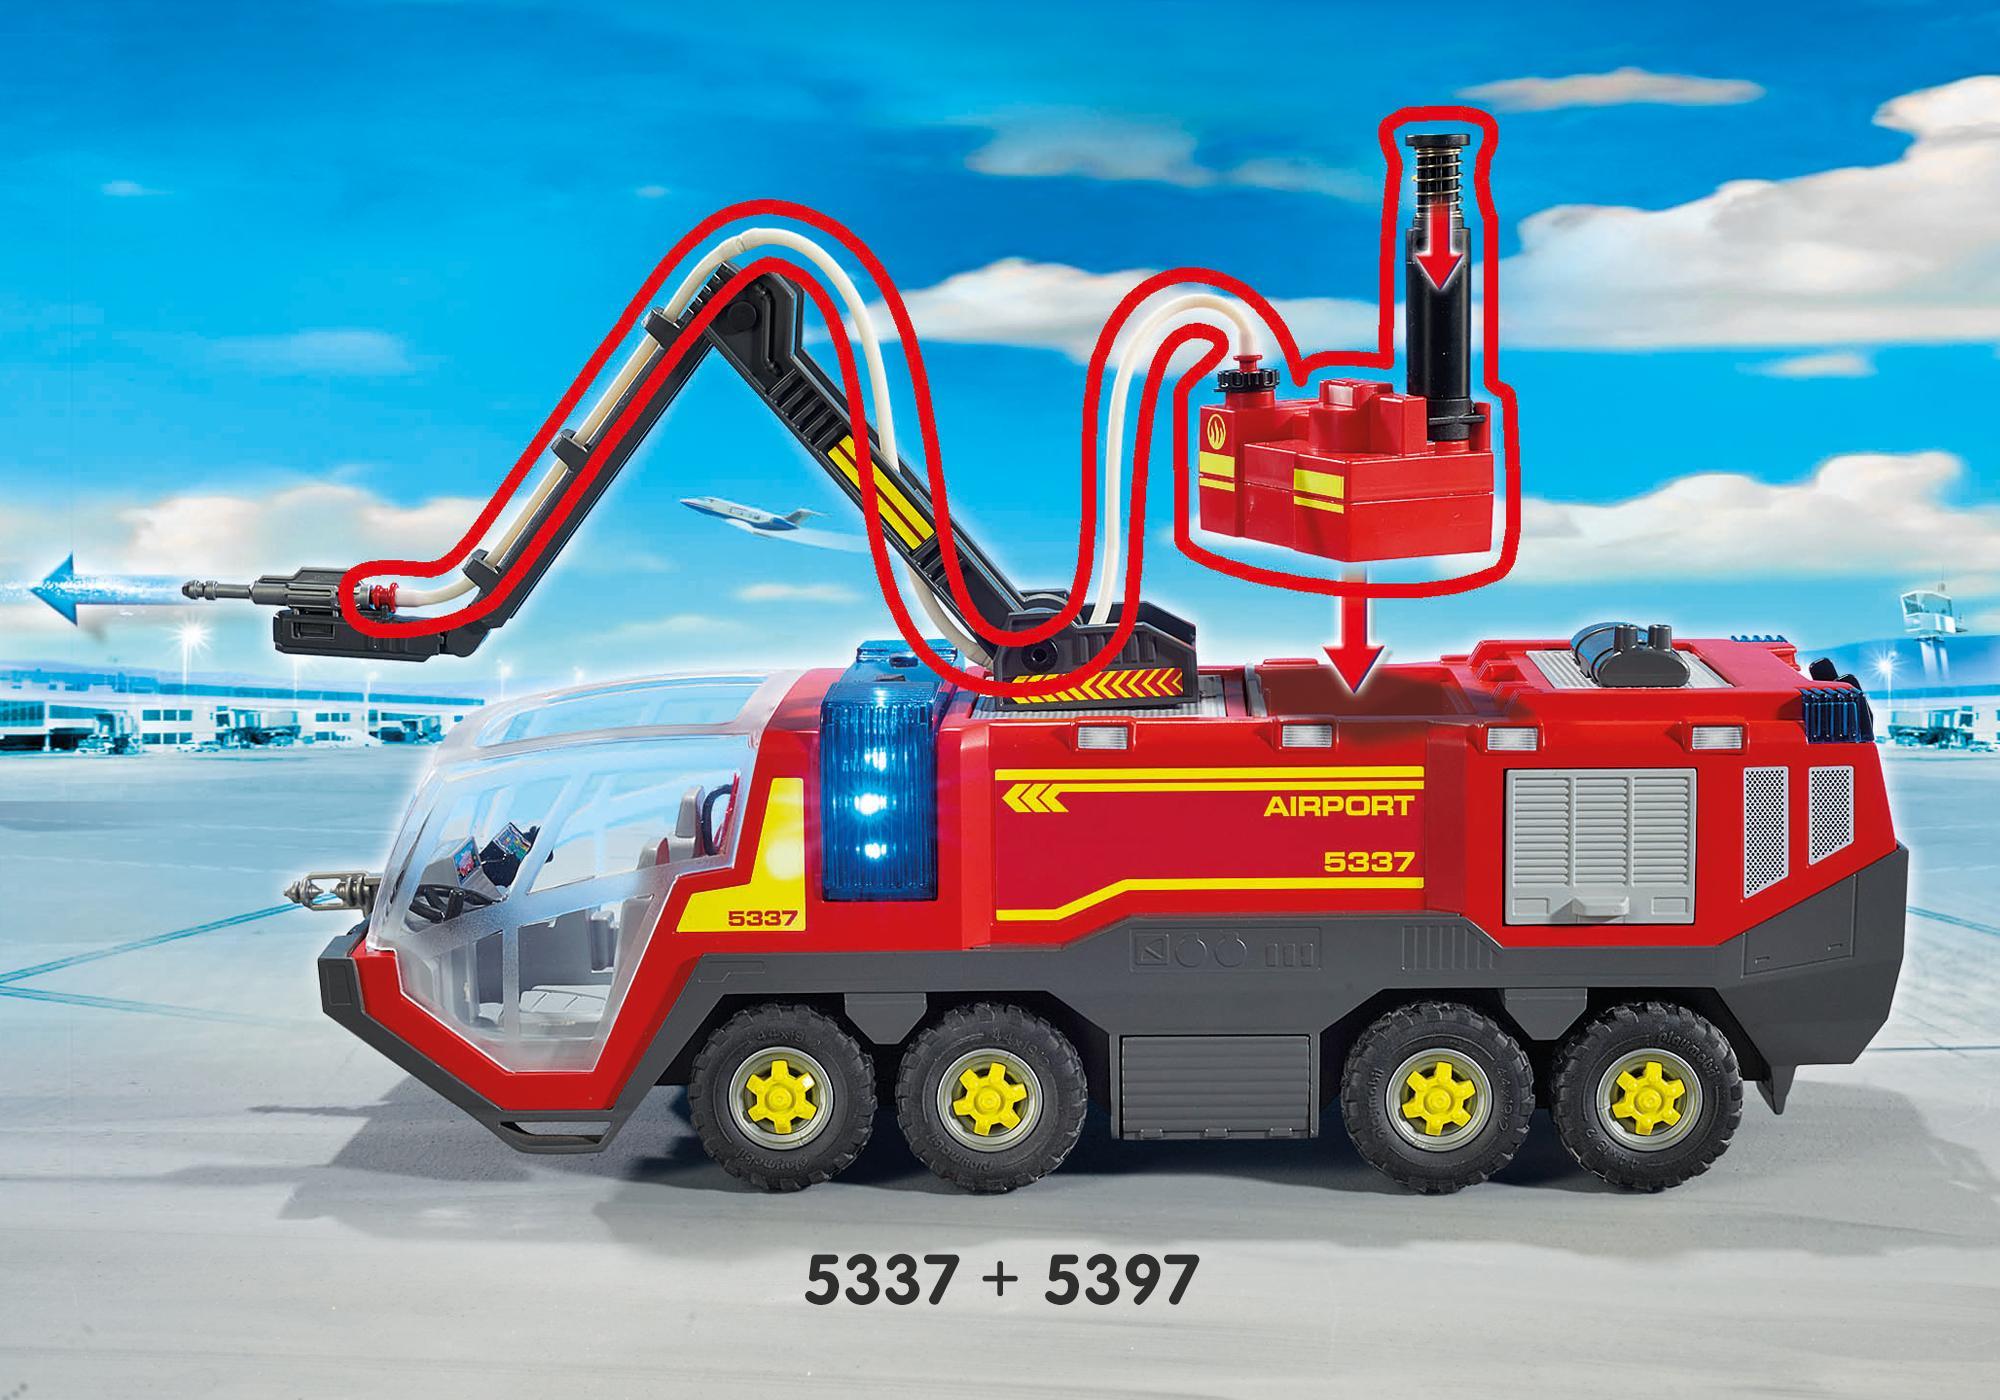 http://media.playmobil.com/i/playmobil/5337_product_extra5/Flygplatsbrandbil med ljus och ljud.